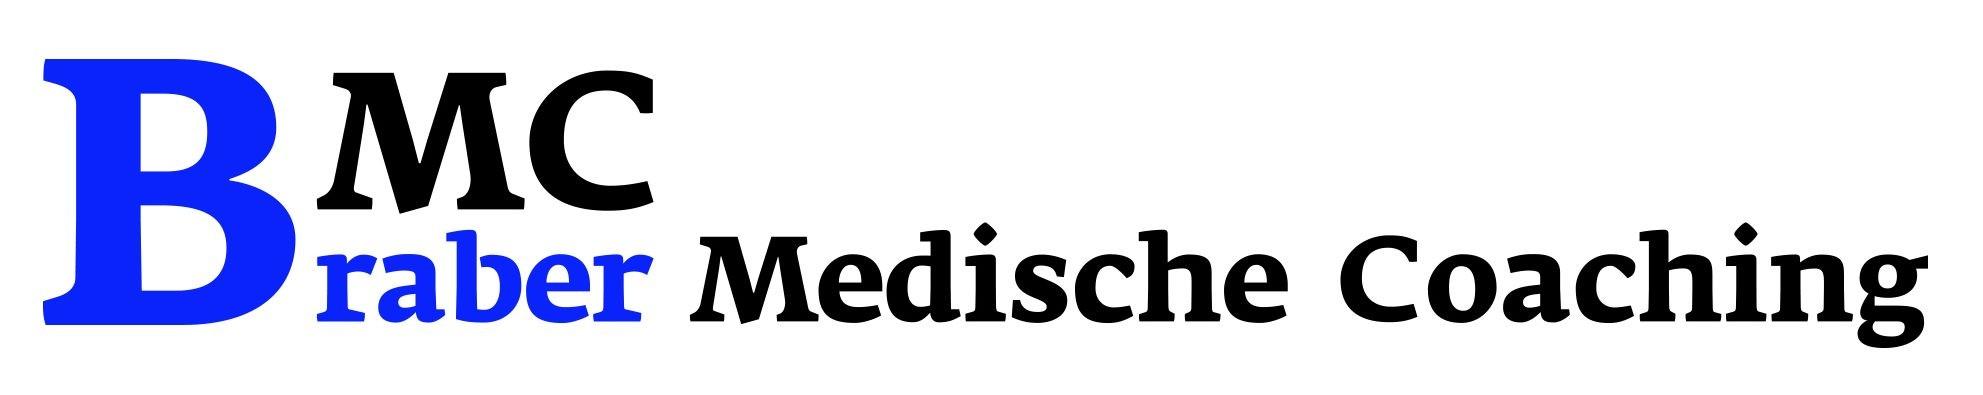 Braber Medische Coaching